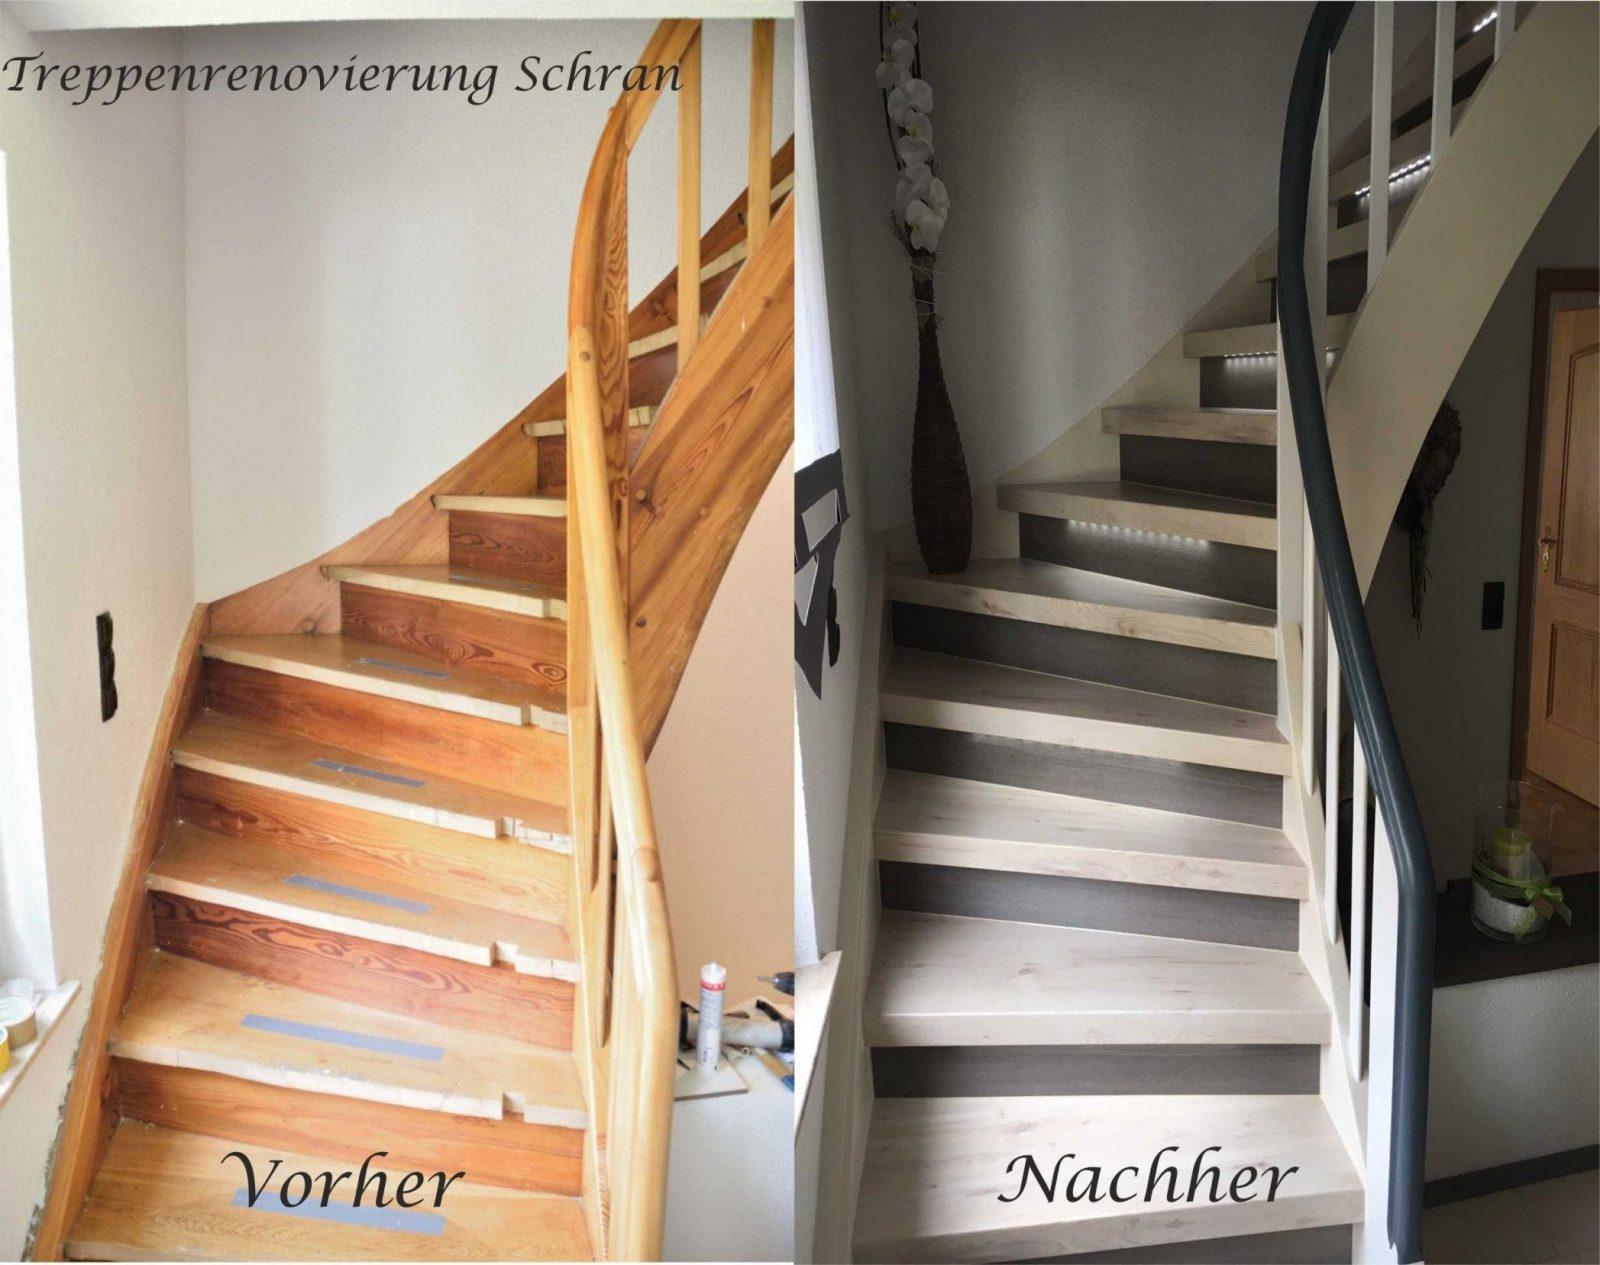 Wunderschöne Alte Treppen Neu Gestalten Bildergalerie von Alte Treppen Neu Gestalten Bild